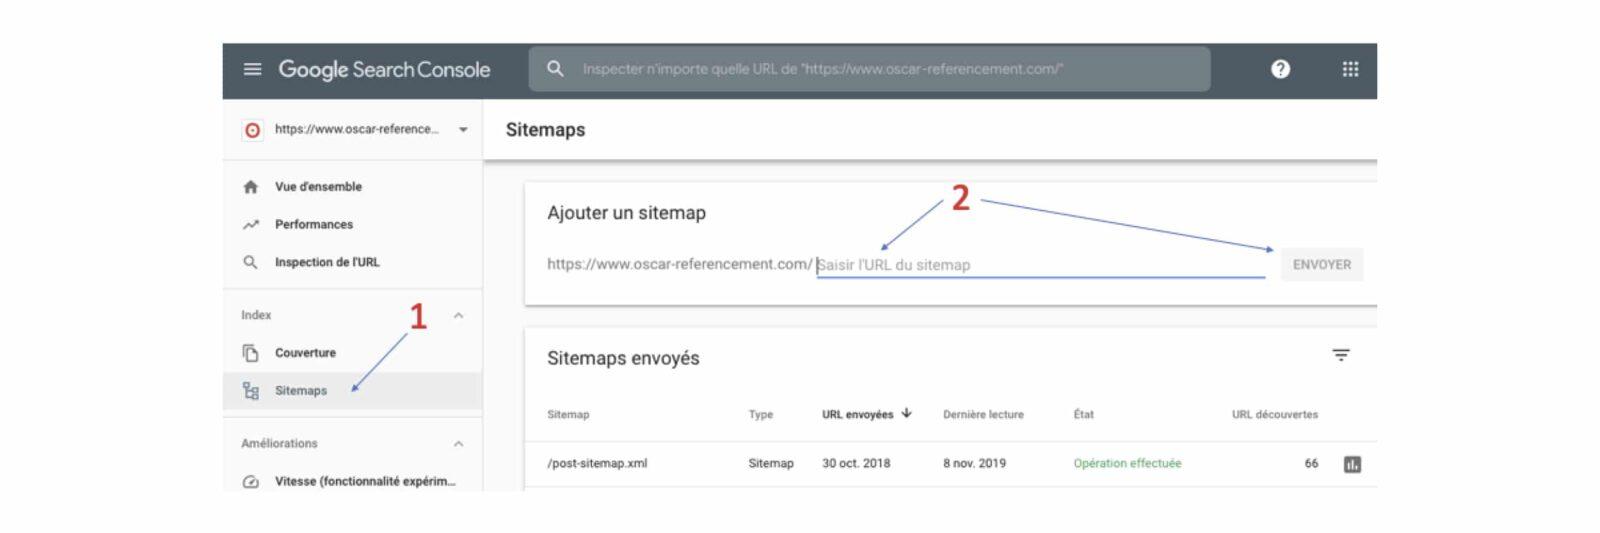 envoyer un sitemap via la Google Search Console pour optimiser le SEO référencement de son site par c com'créa